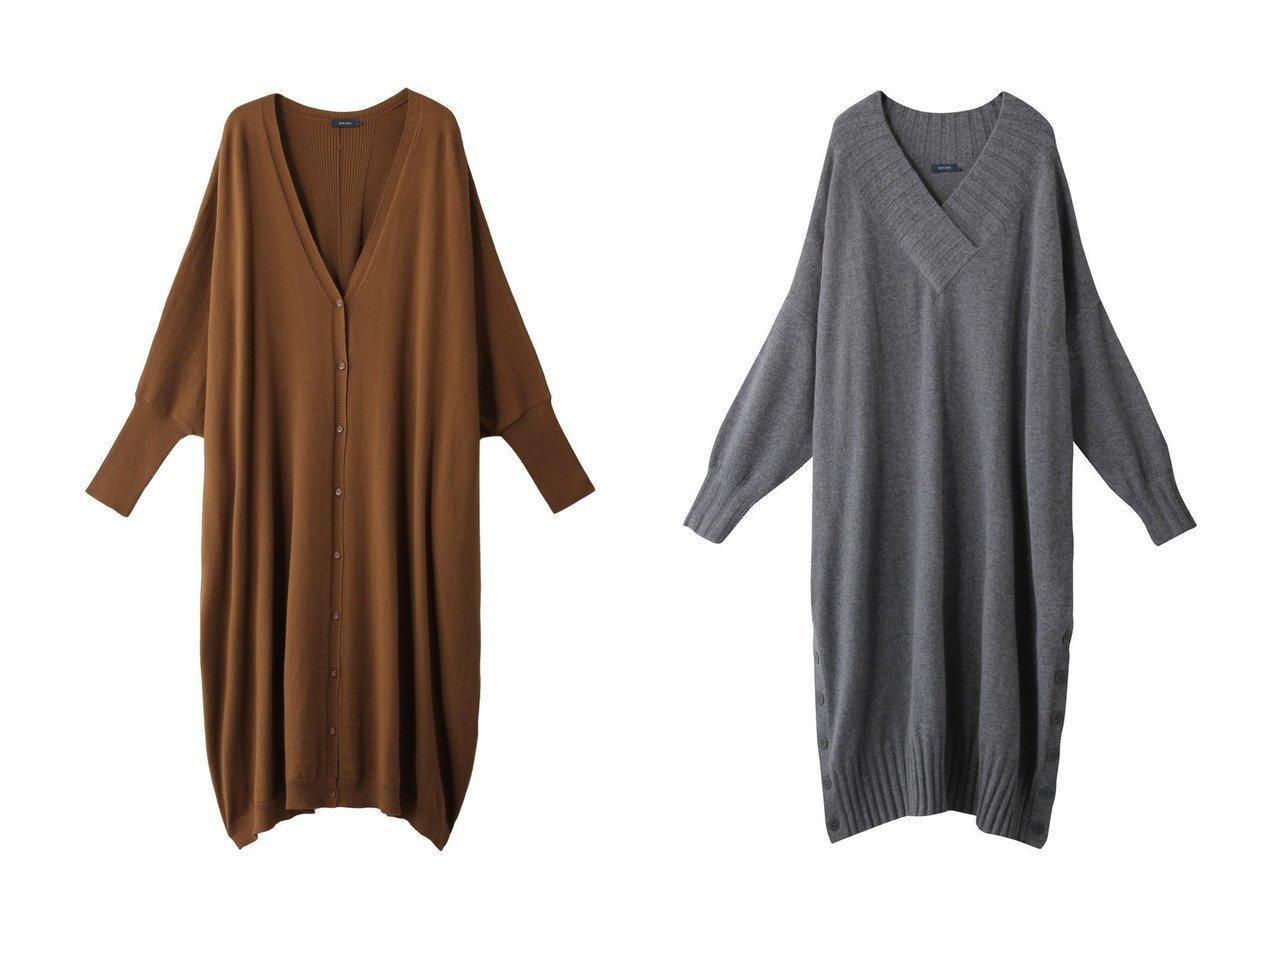 【WRINN/リン】のKNIT&KNIT 【トップス・カットソー】おすすめ!人気、トレンド・レディースファッションの通販 おすすめで人気の流行・トレンド、ファッションの通販商品 インテリア・家具・メンズファッション・キッズファッション・レディースファッション・服の通販 founy(ファニー) https://founy.com/ ファッション Fashion レディースファッション WOMEN トップス・カットソー Tops/Tshirt ニット Knit Tops プルオーバー Pullover ポンチョ A/W・秋冬 AW・Autumn/Winter・FW・Fall-Winter カシミヤ トレンド 今季  ID:crp329100000072650